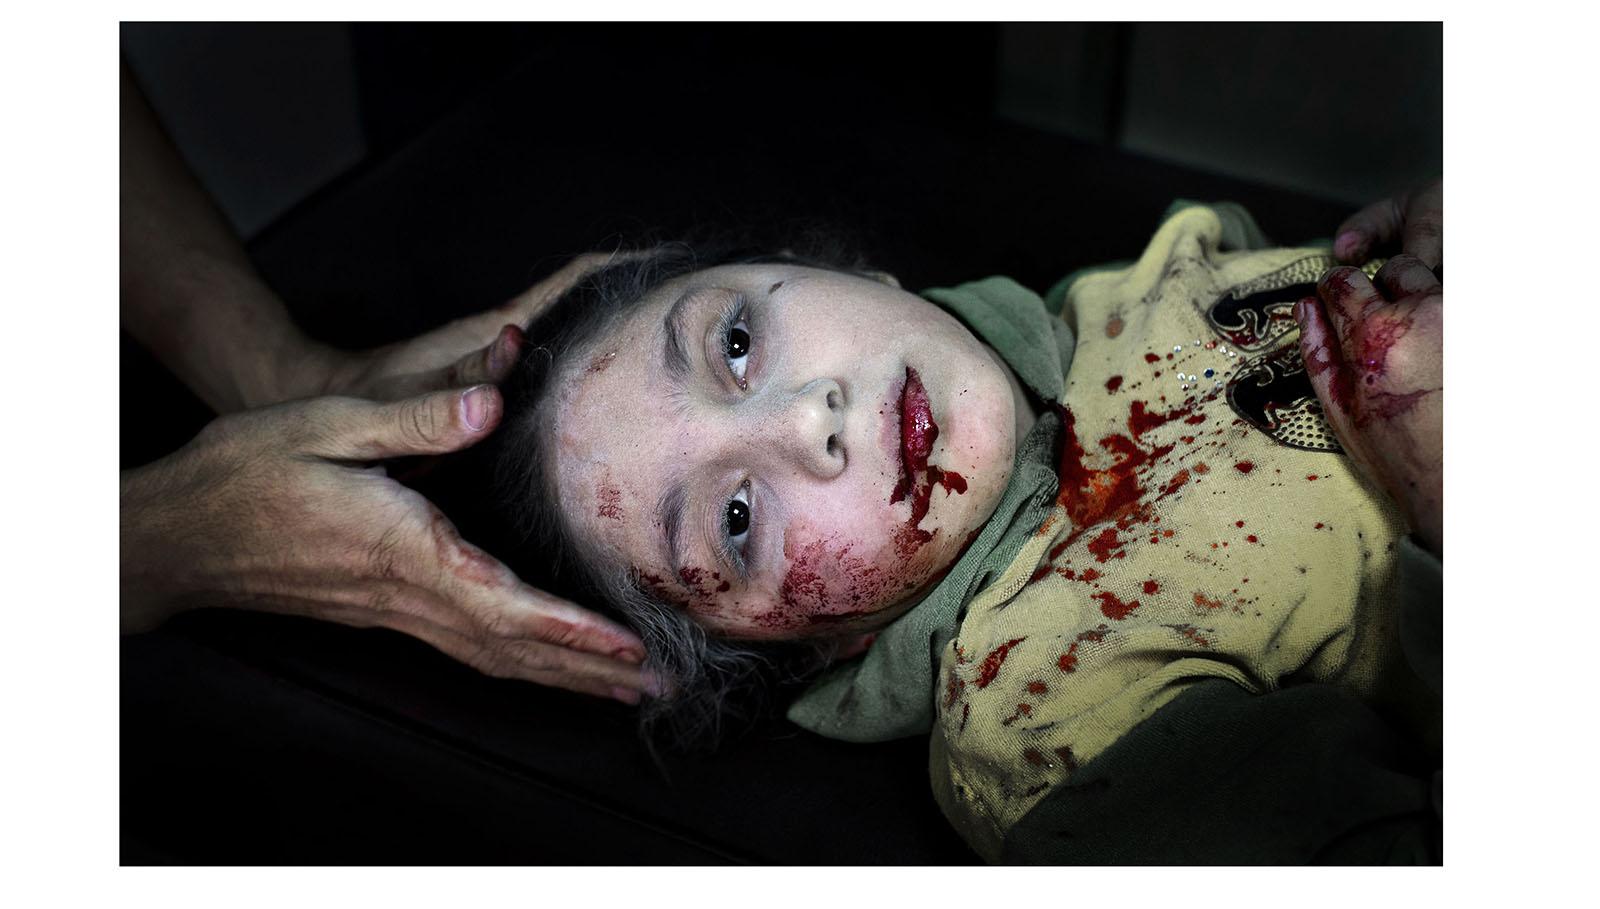 Dania Kilsi, de 11 años, es tratada por heridas de metralla en el hospital de Dar-al Shifa. Ella y sus dos hermanos menores estaban jugando fuera de su casa cuando resultaron alcanzados por una bomba. Son algunas de las miles de víctimas del conflicto en Siria, que comenzó en 2011 y sigue activo en la actualidad.